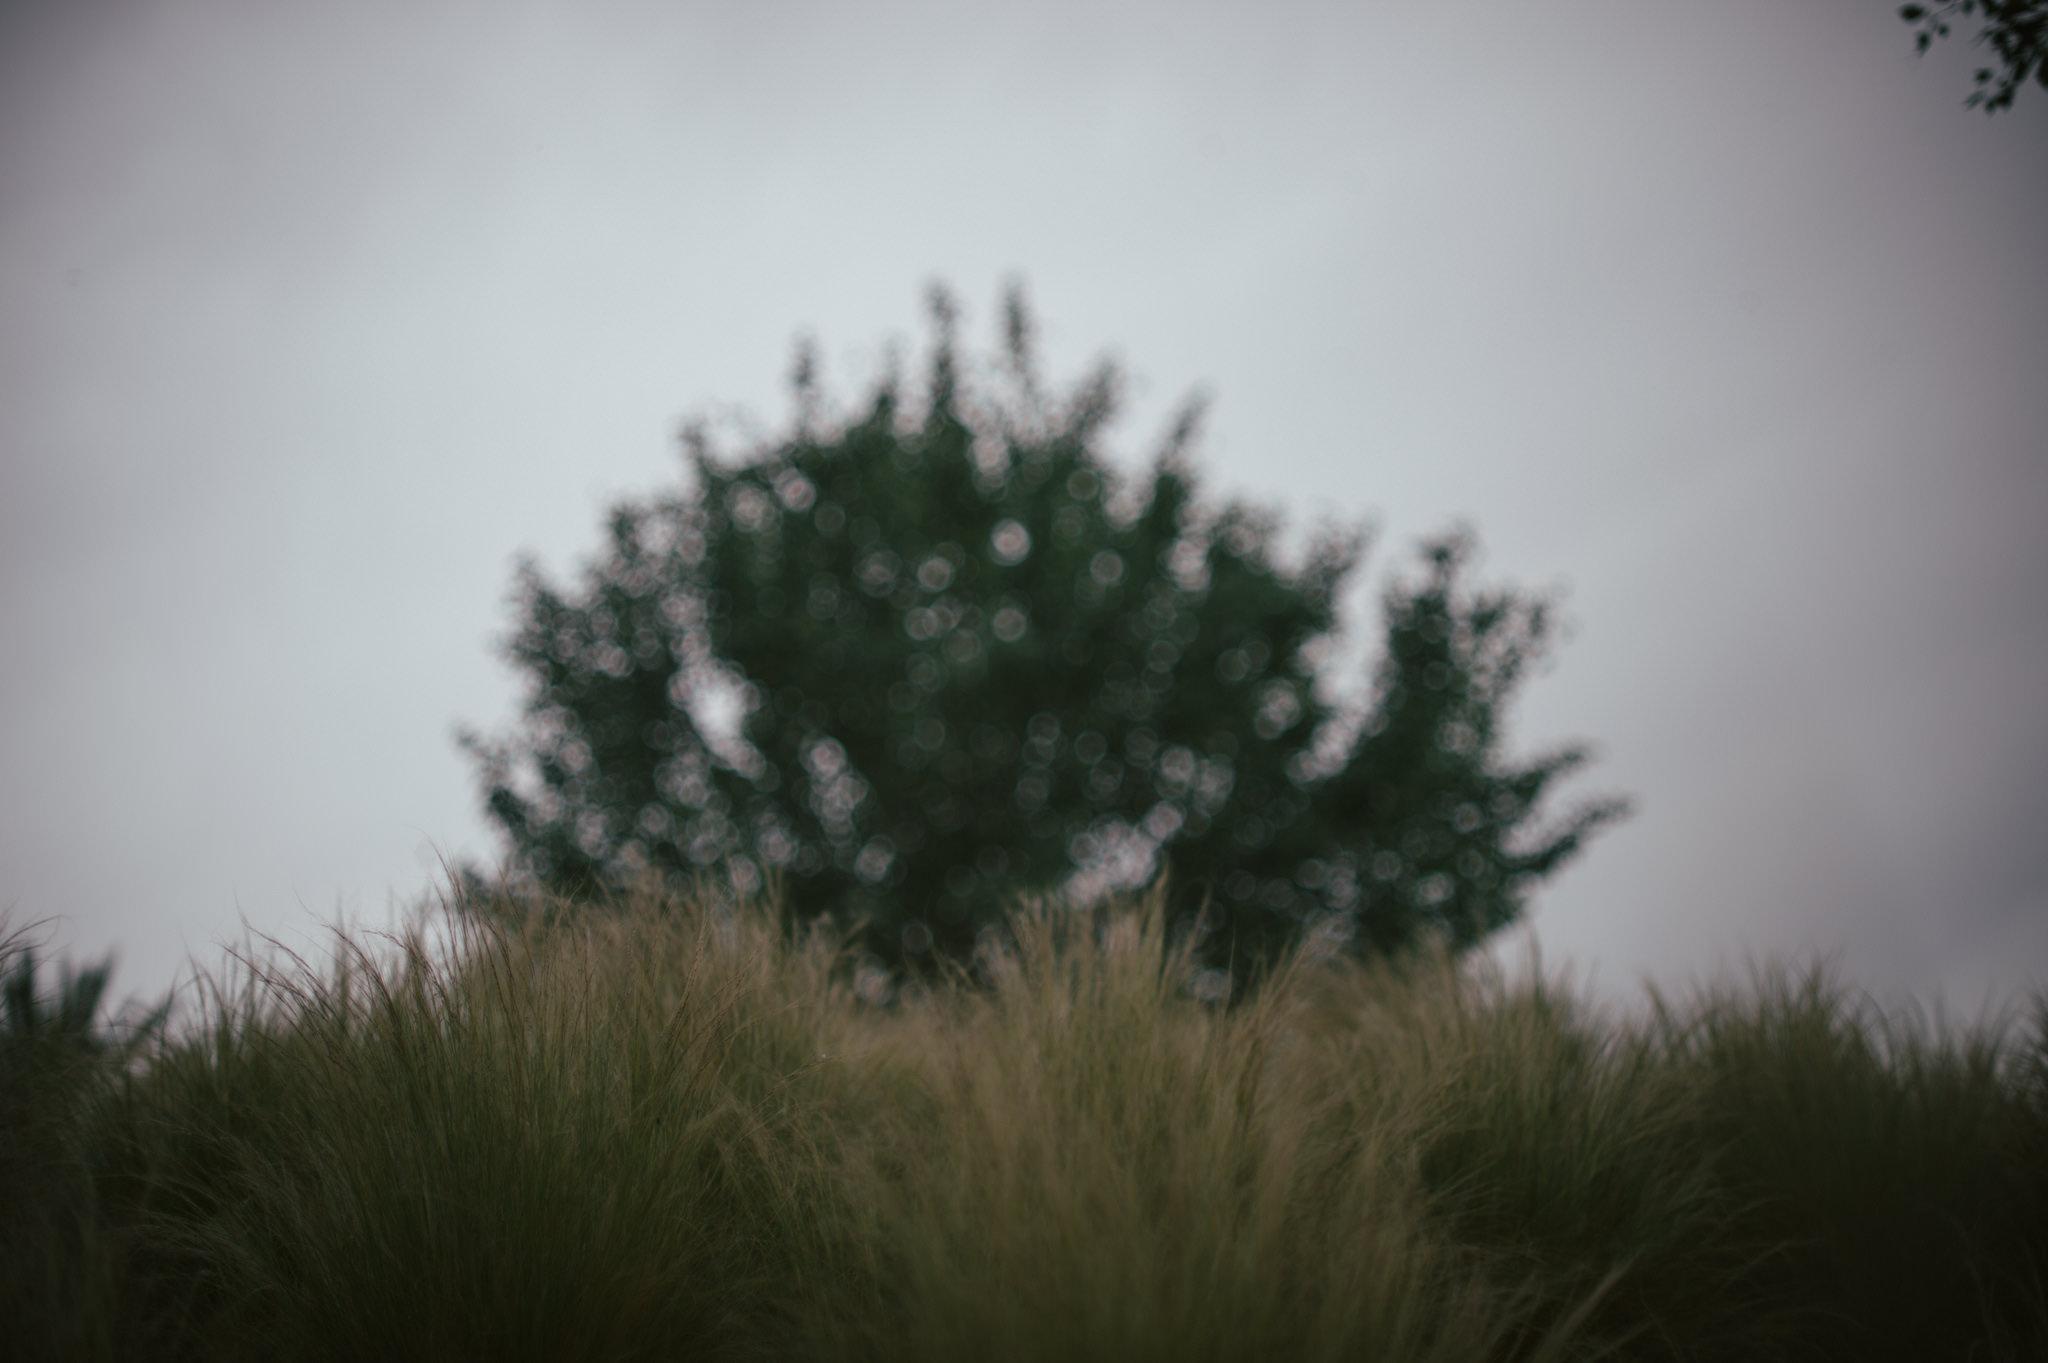 Rainy_Mirador_08